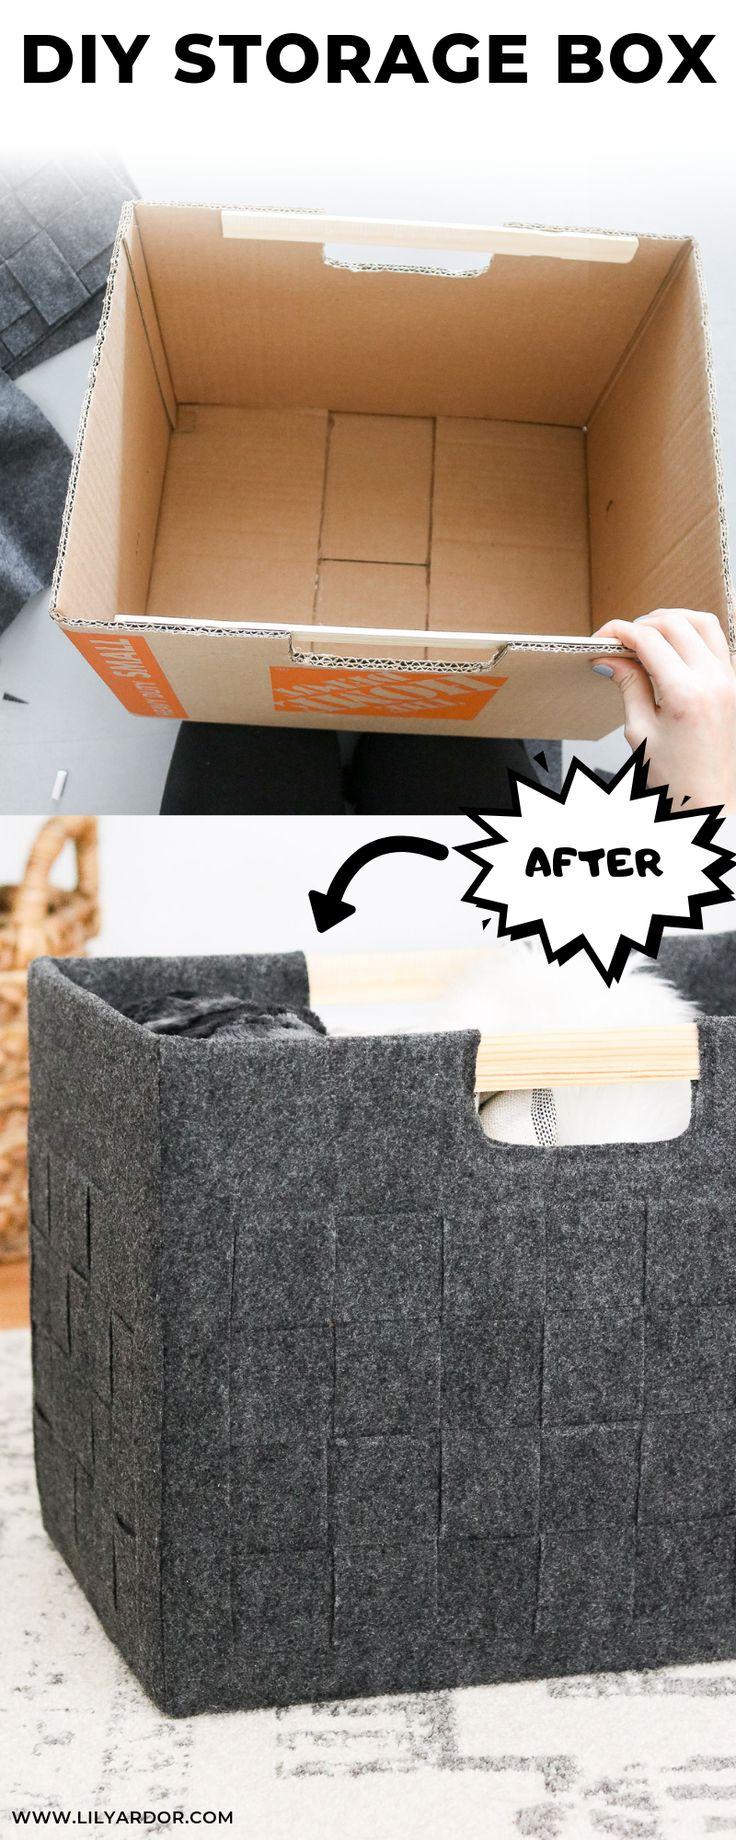 DIY Storage Box from a cardboard box!